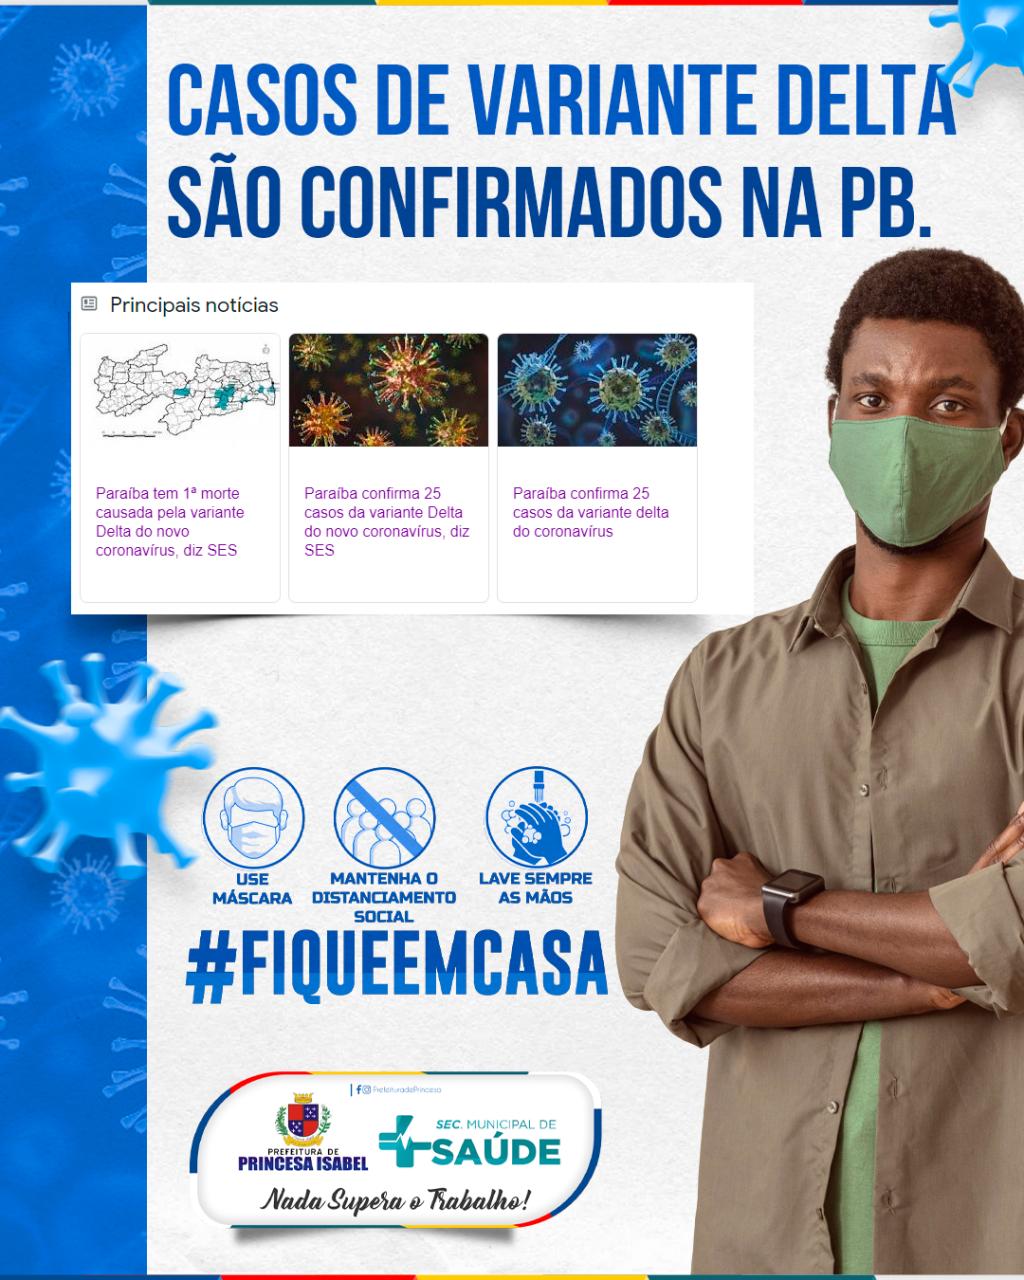 CASO DE VARIANTE DELTA SÃO CONFIRMADOS NA PB.